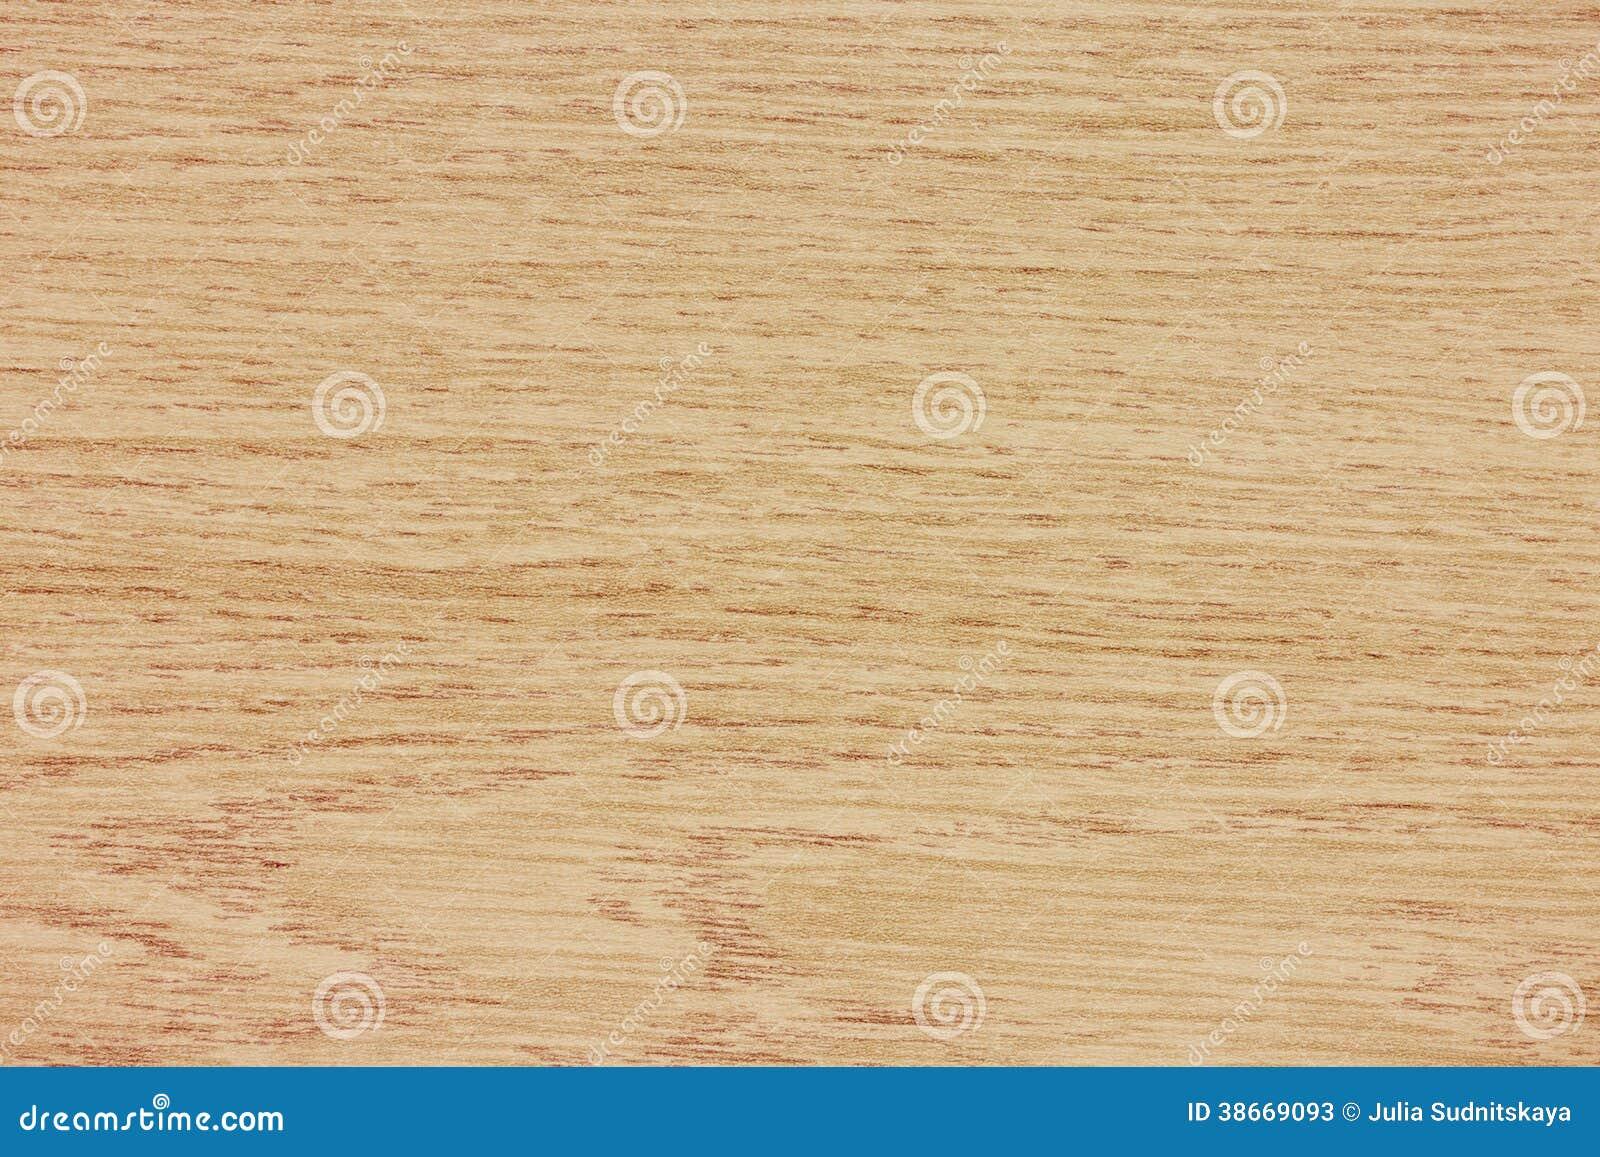 texture en bois de h tre image stock image du photo 38669093. Black Bedroom Furniture Sets. Home Design Ideas